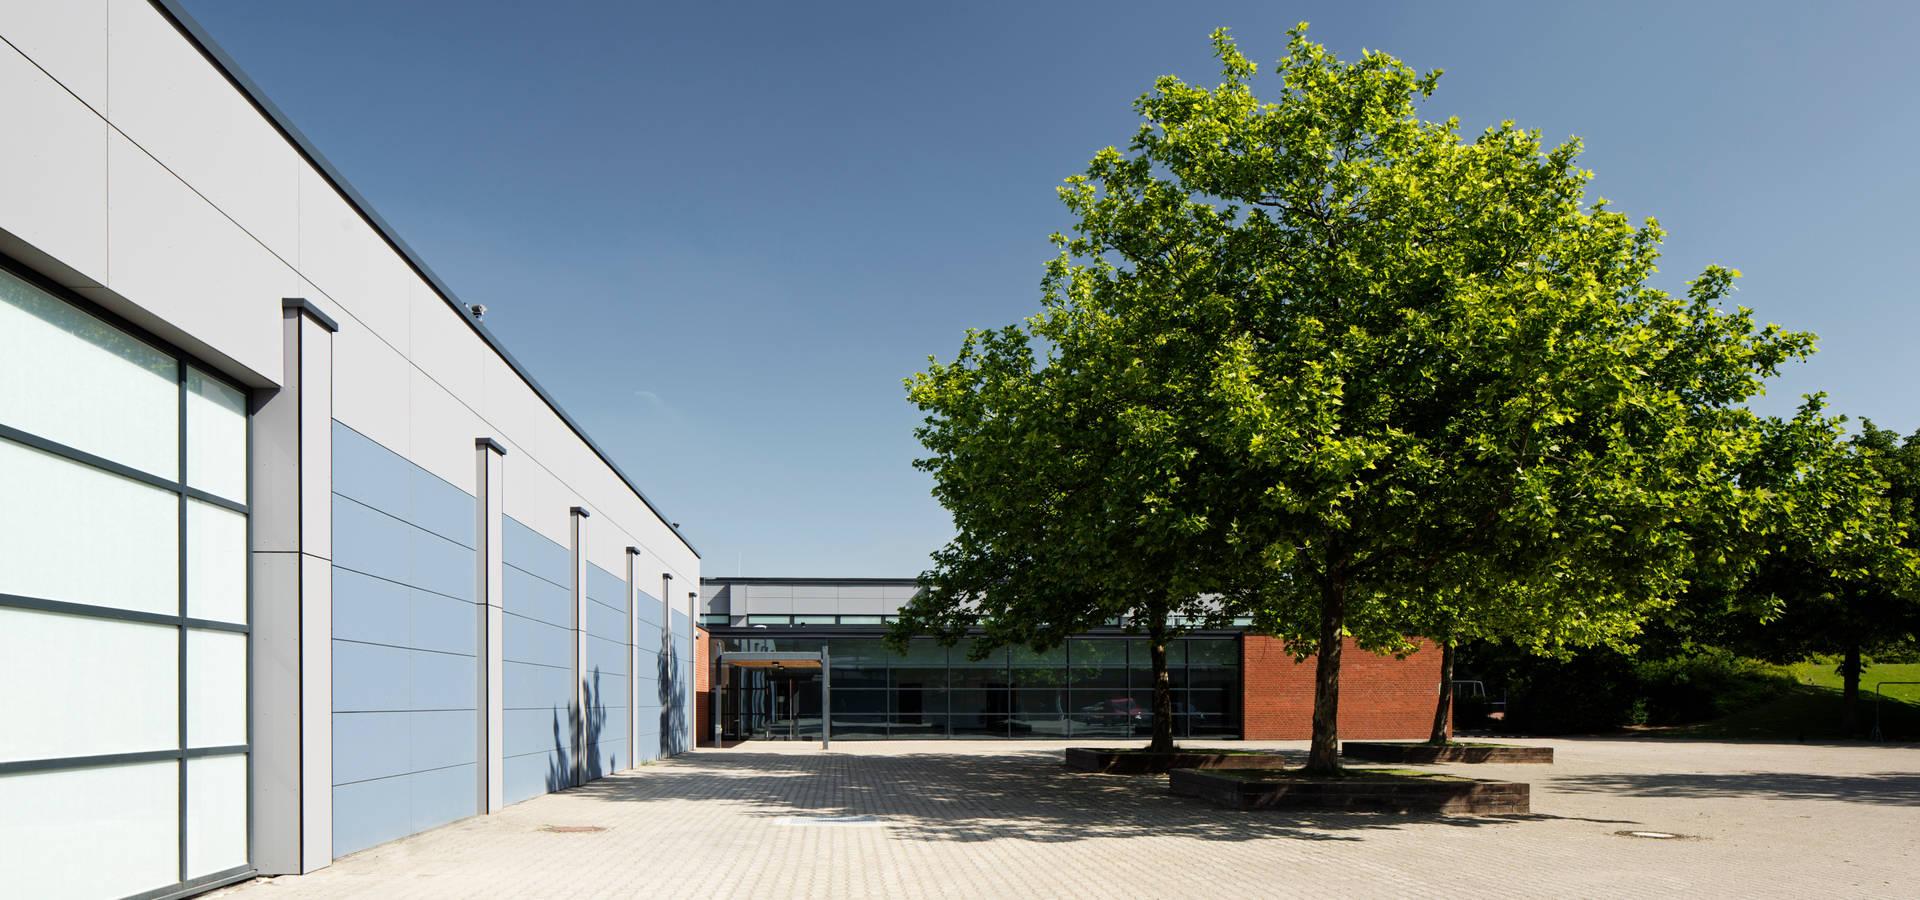 AIB—Architektur—Ingenieurbüro Billstein—Köln